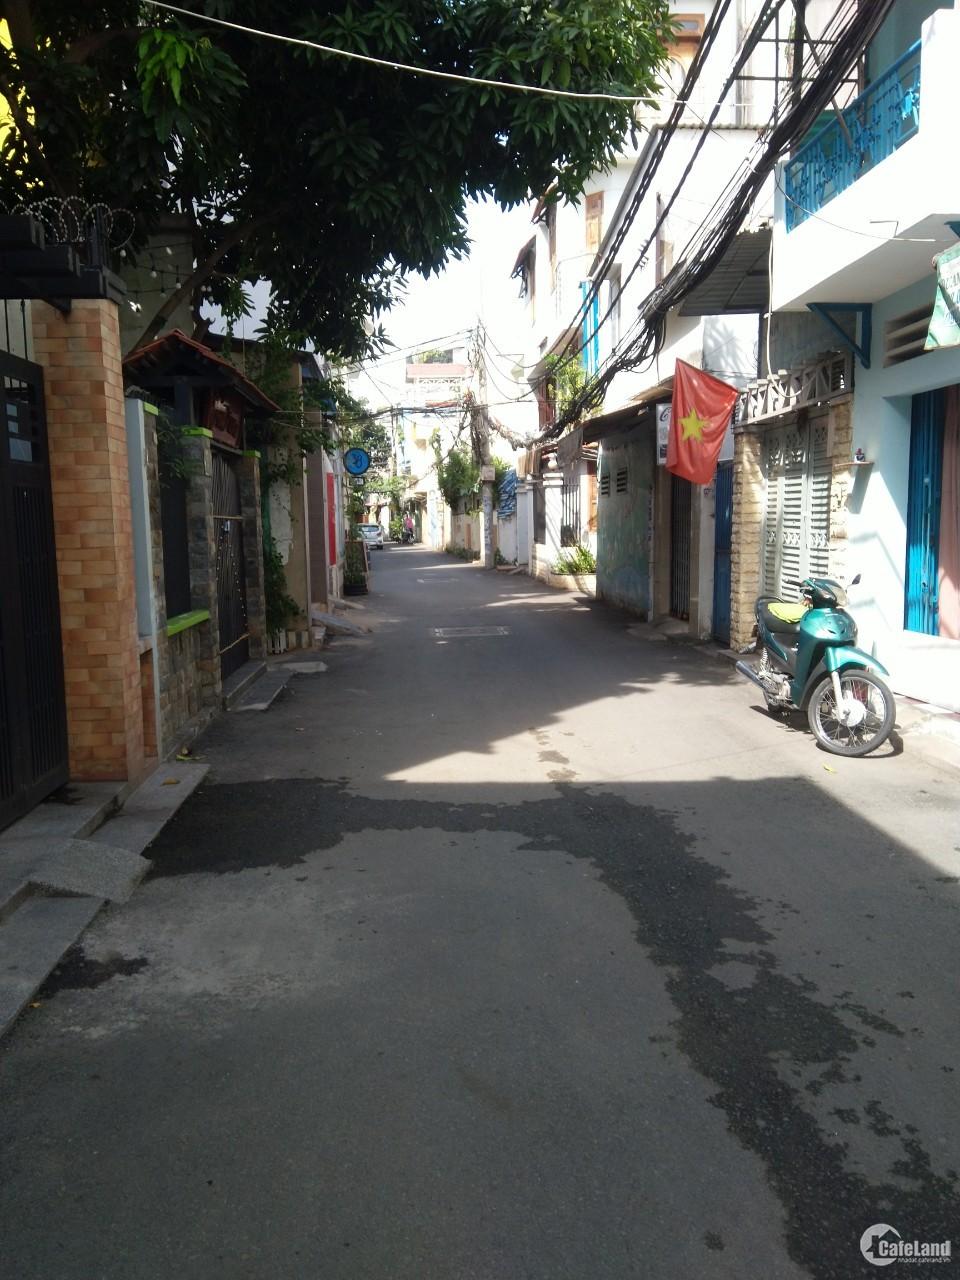 Bán nhà HXH tránh nhau, Phan Văn Trị, P11, Bình Thạnh, 65m2, 3 tầng, 7,2 tỷ.